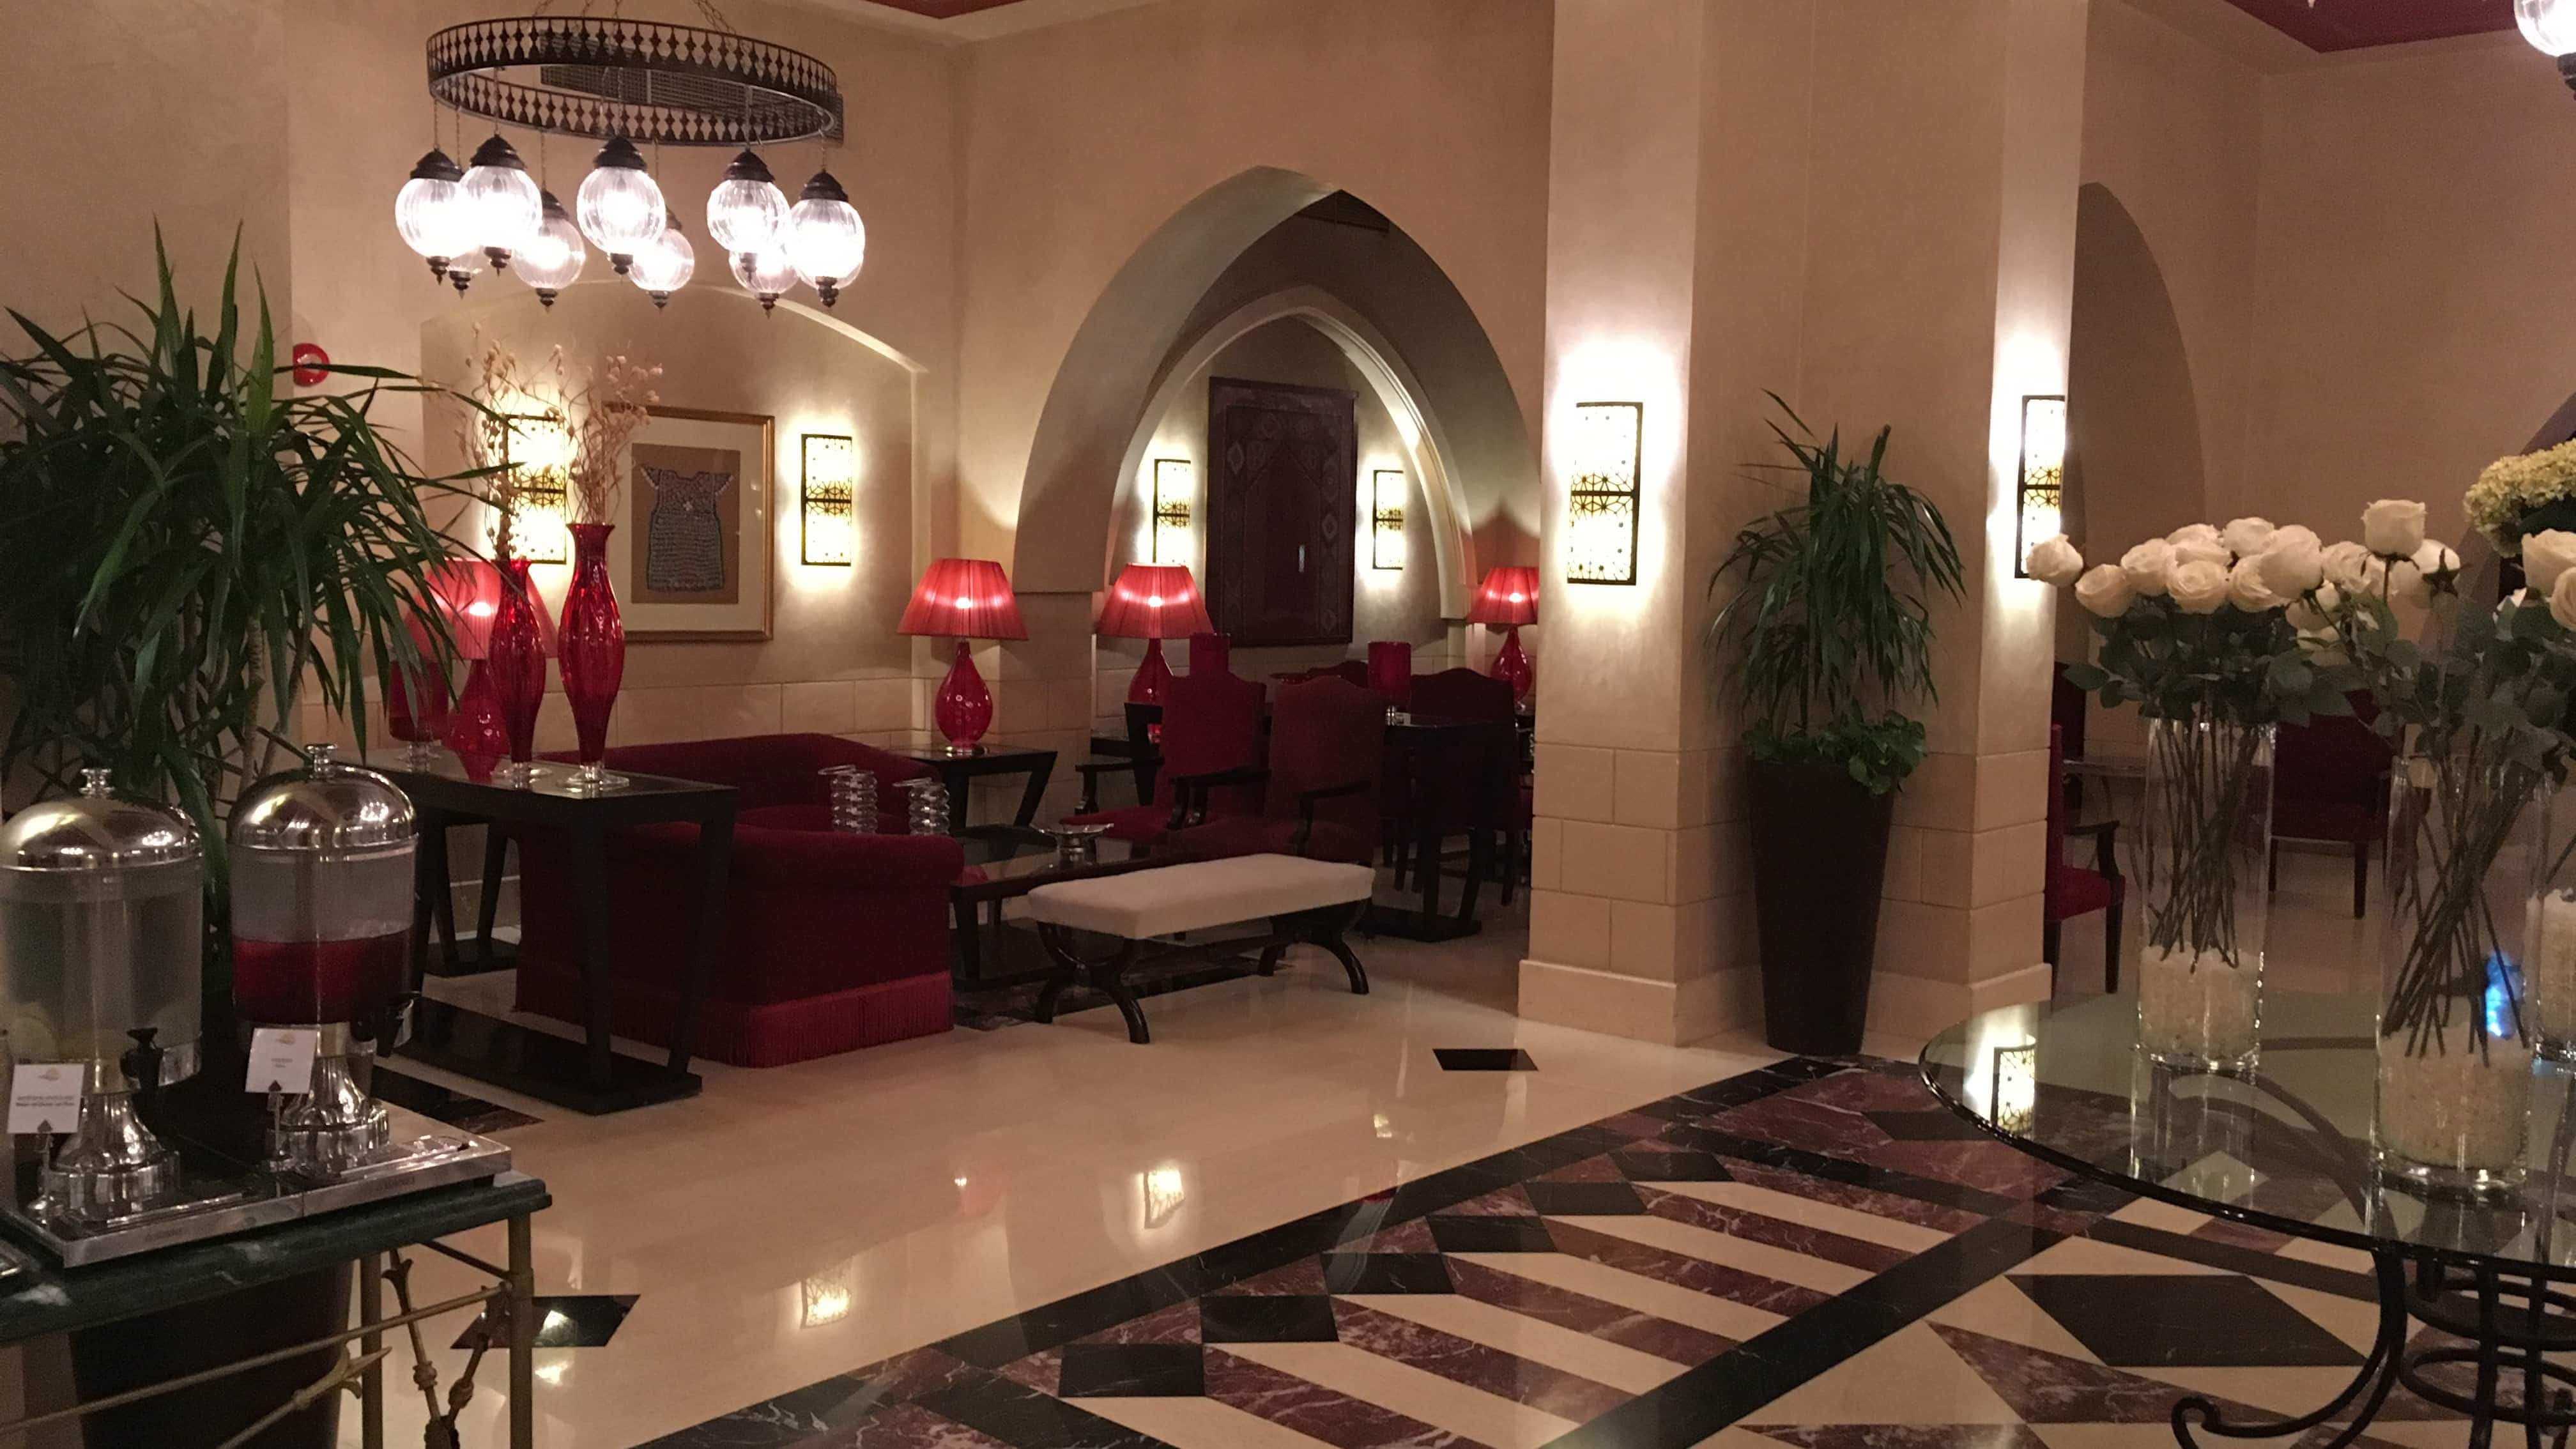 Eingangshalle des Hotels in Ägypten